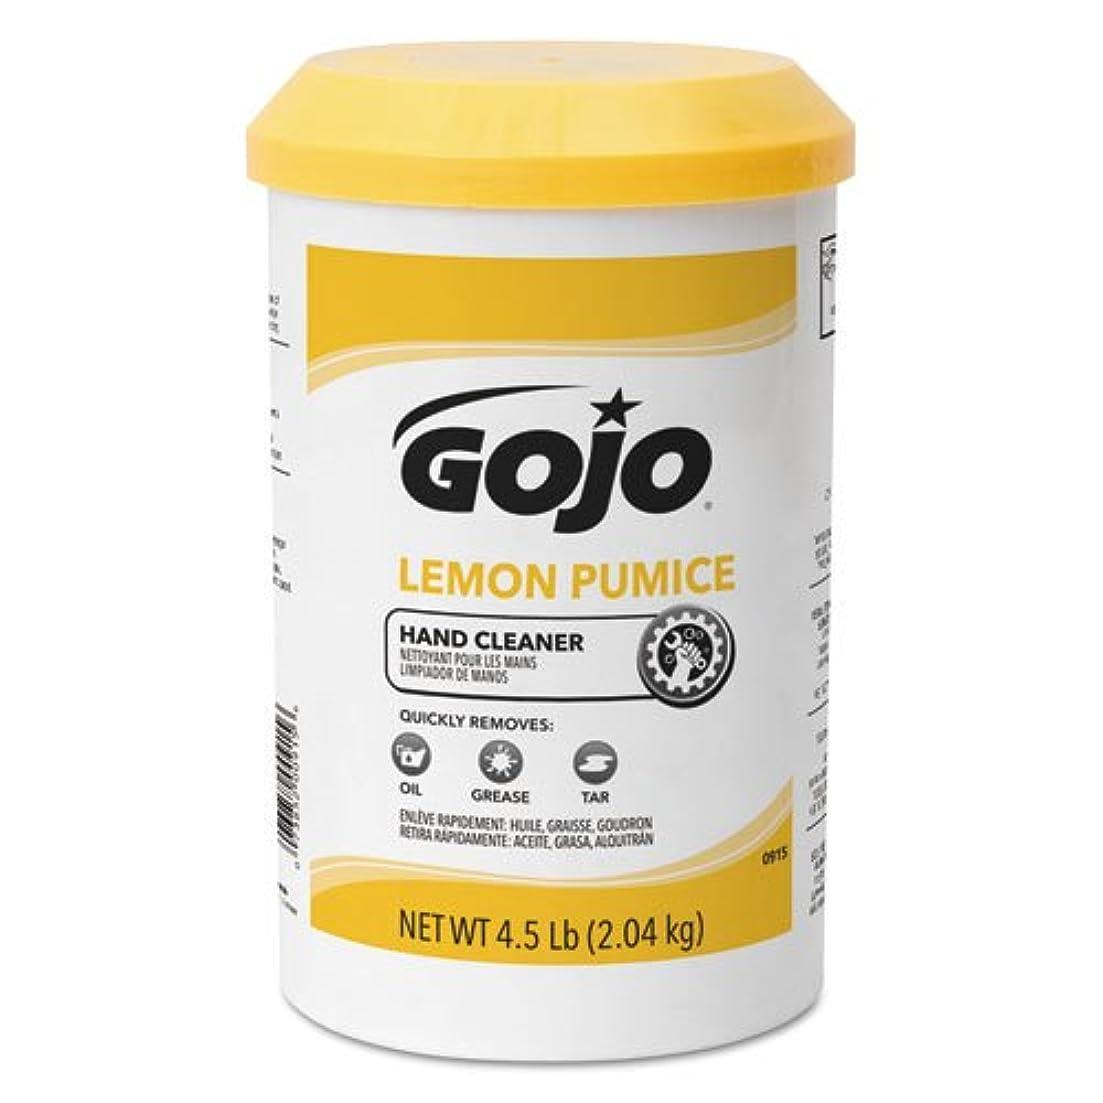 準備ができてシャッターマングルGojo レモンプーミス ハンドクリーナー レモンの香り 4.5ポンド GOJ0915